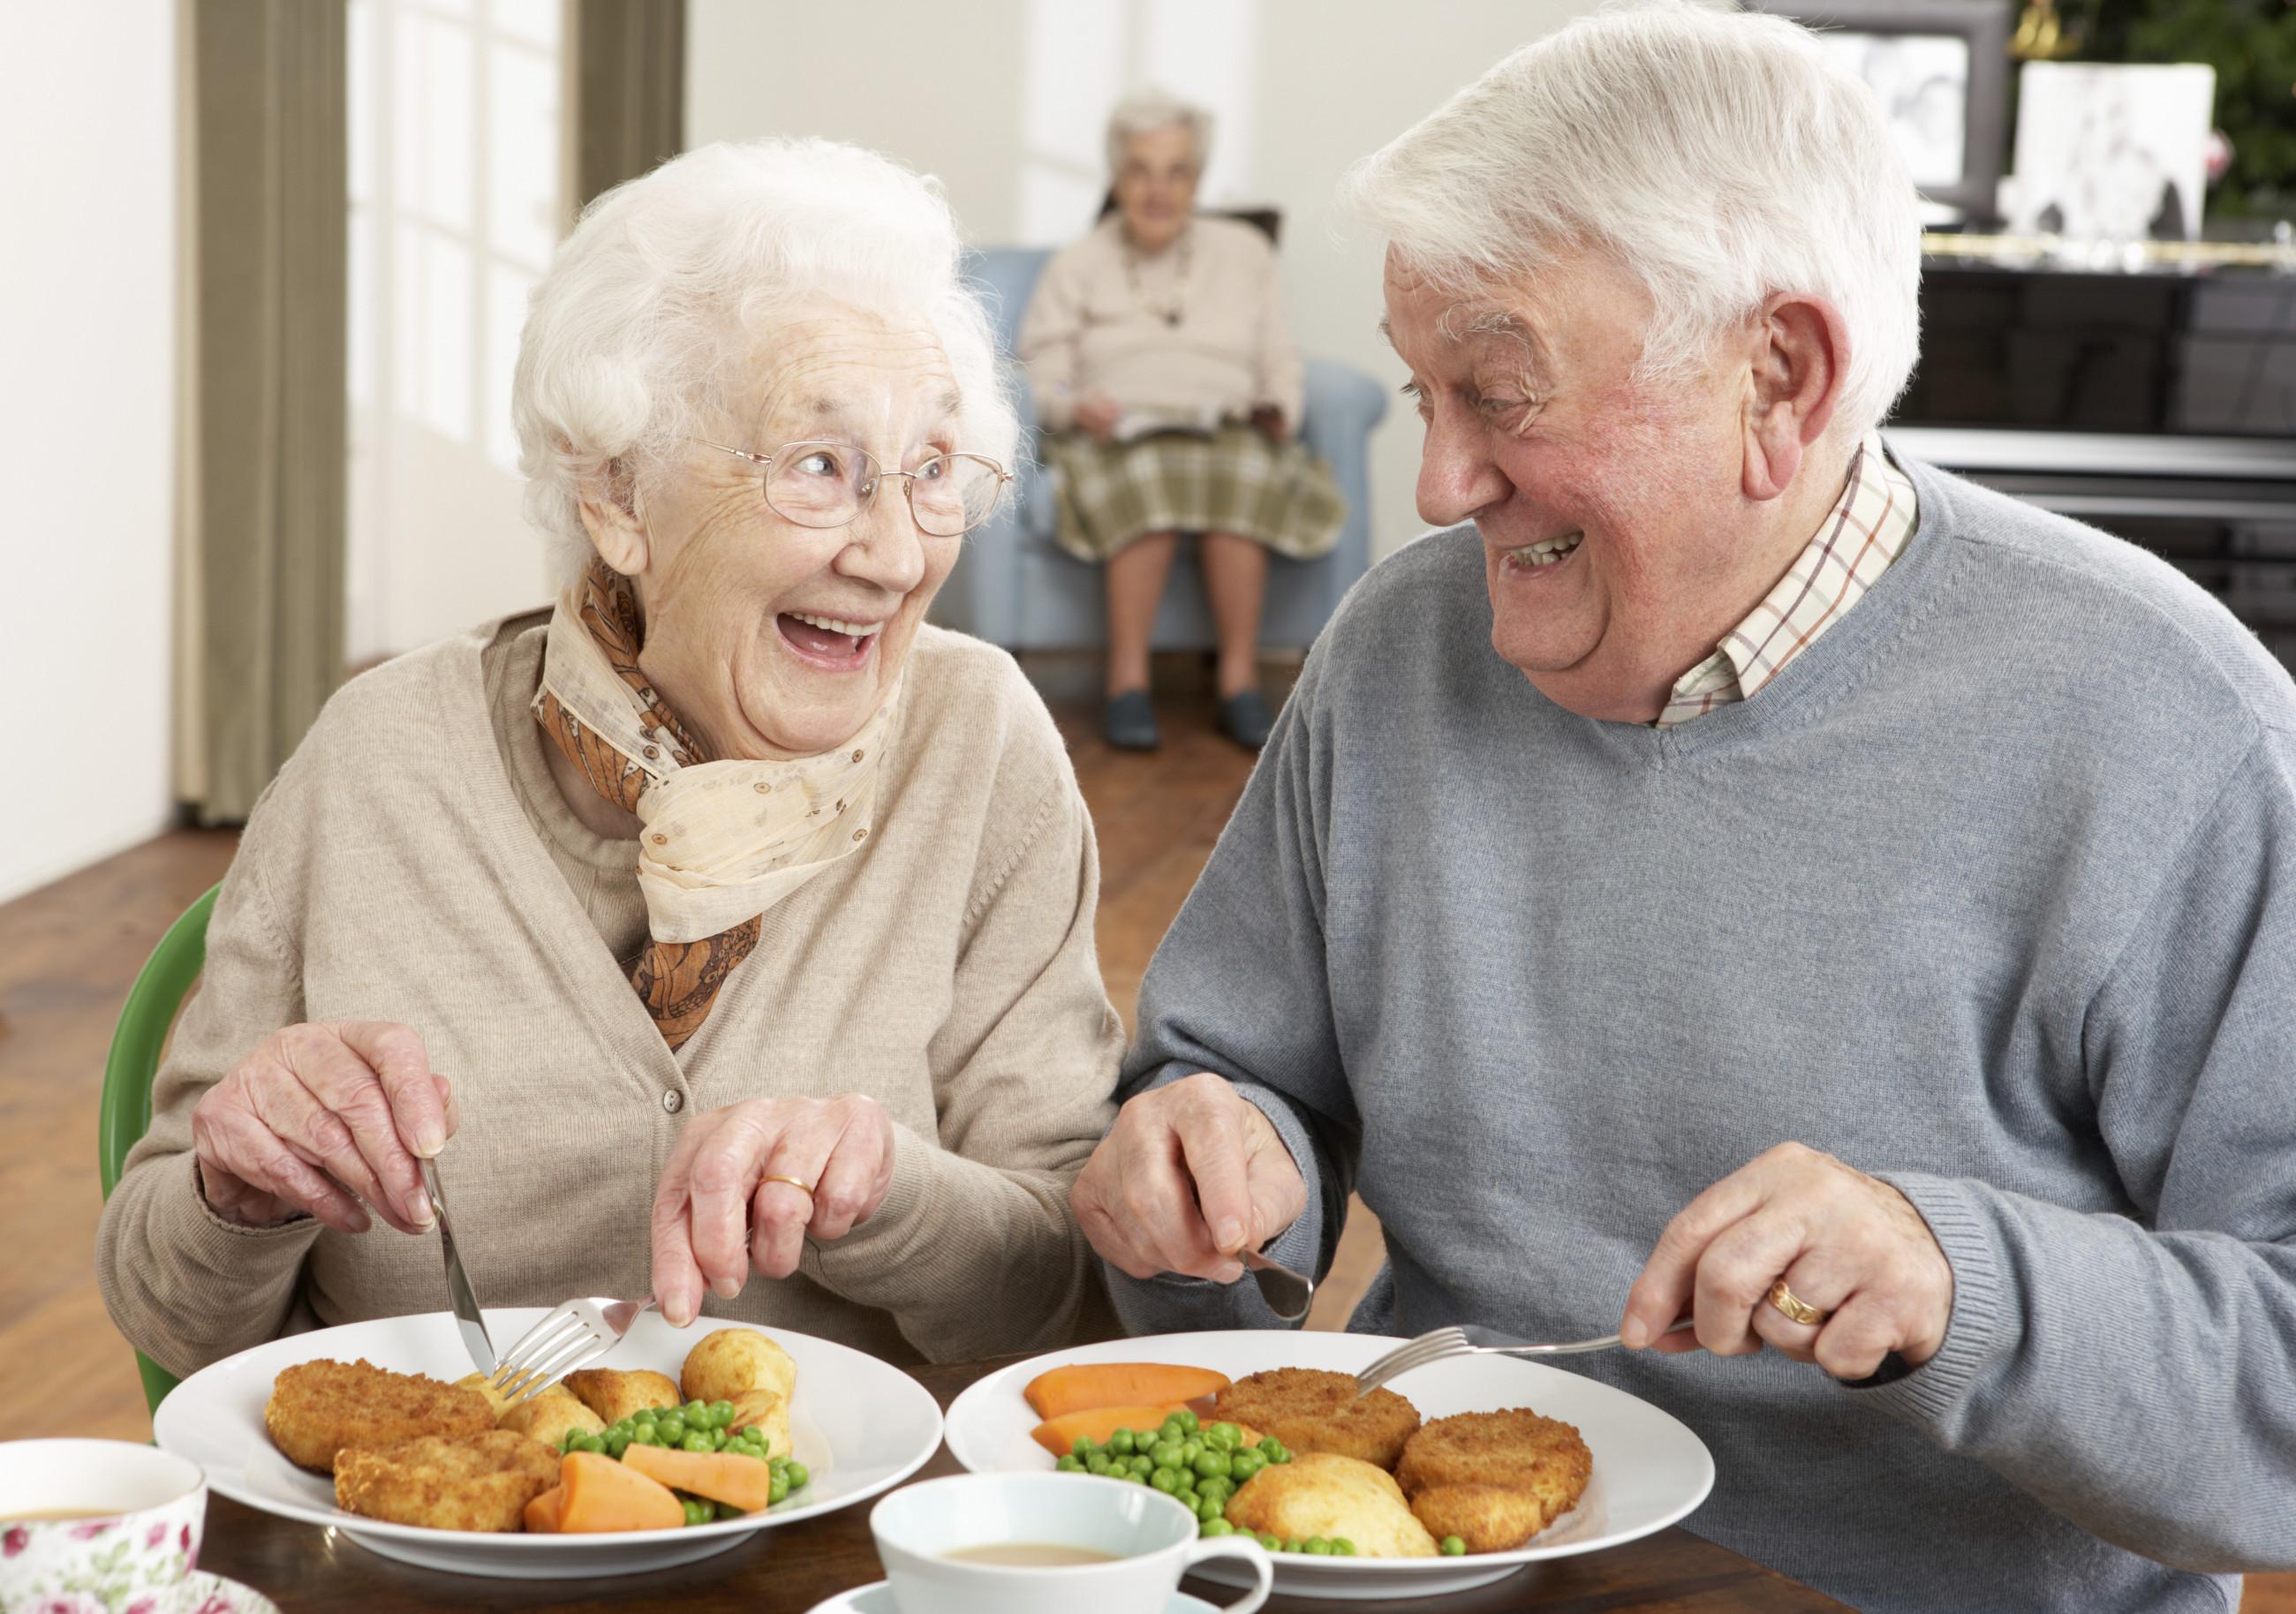 питание для пожилых людей картинки считает, что